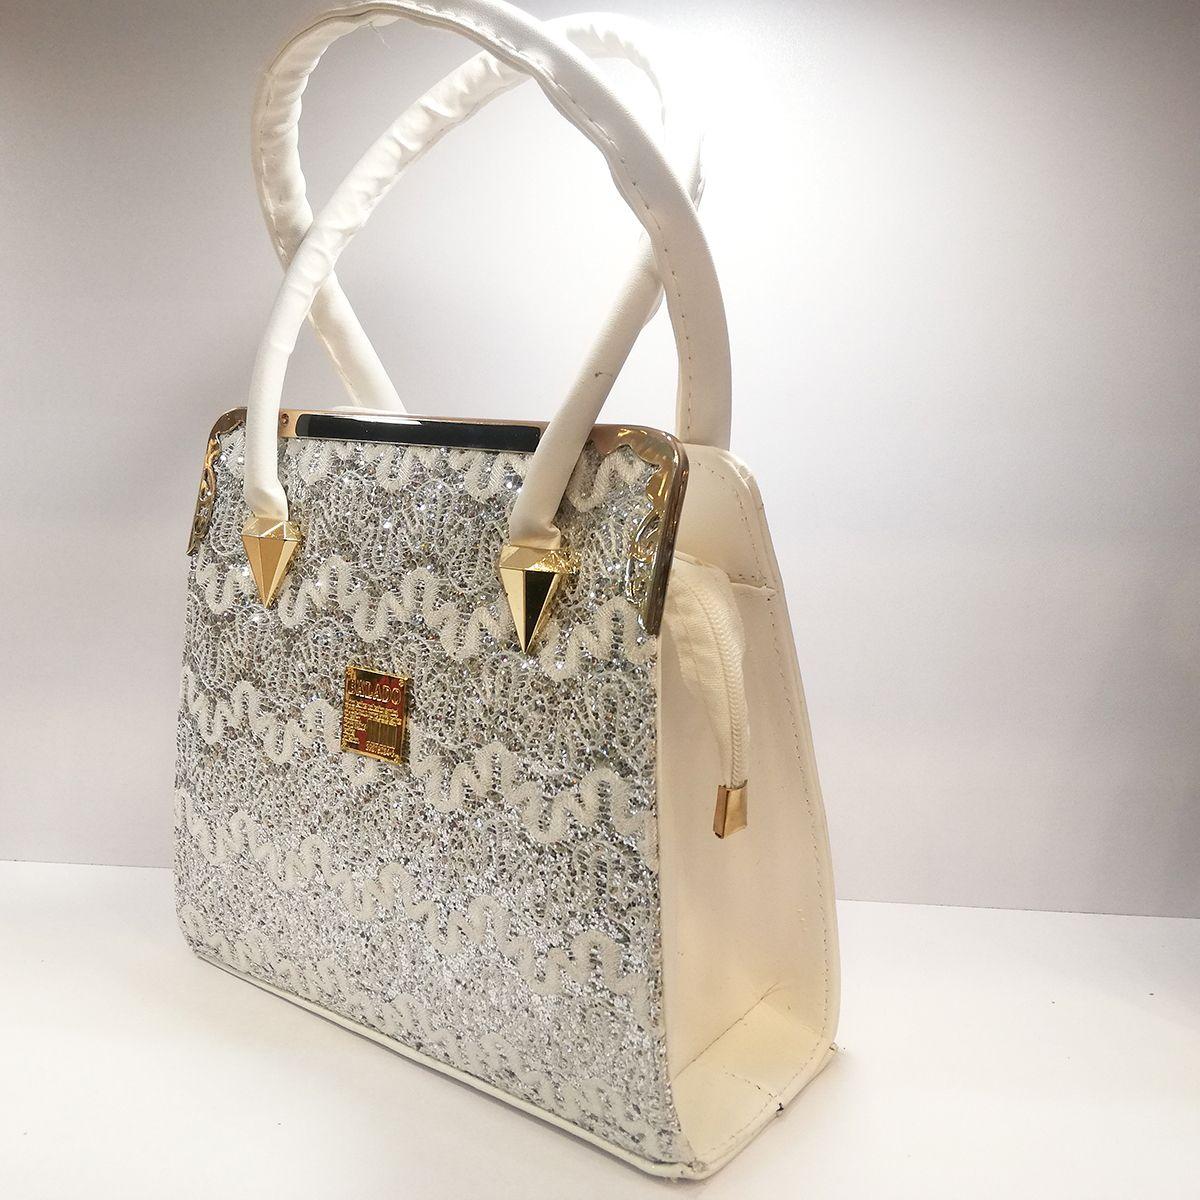 کیف دوشی زنانه کد 5757 -  - 3